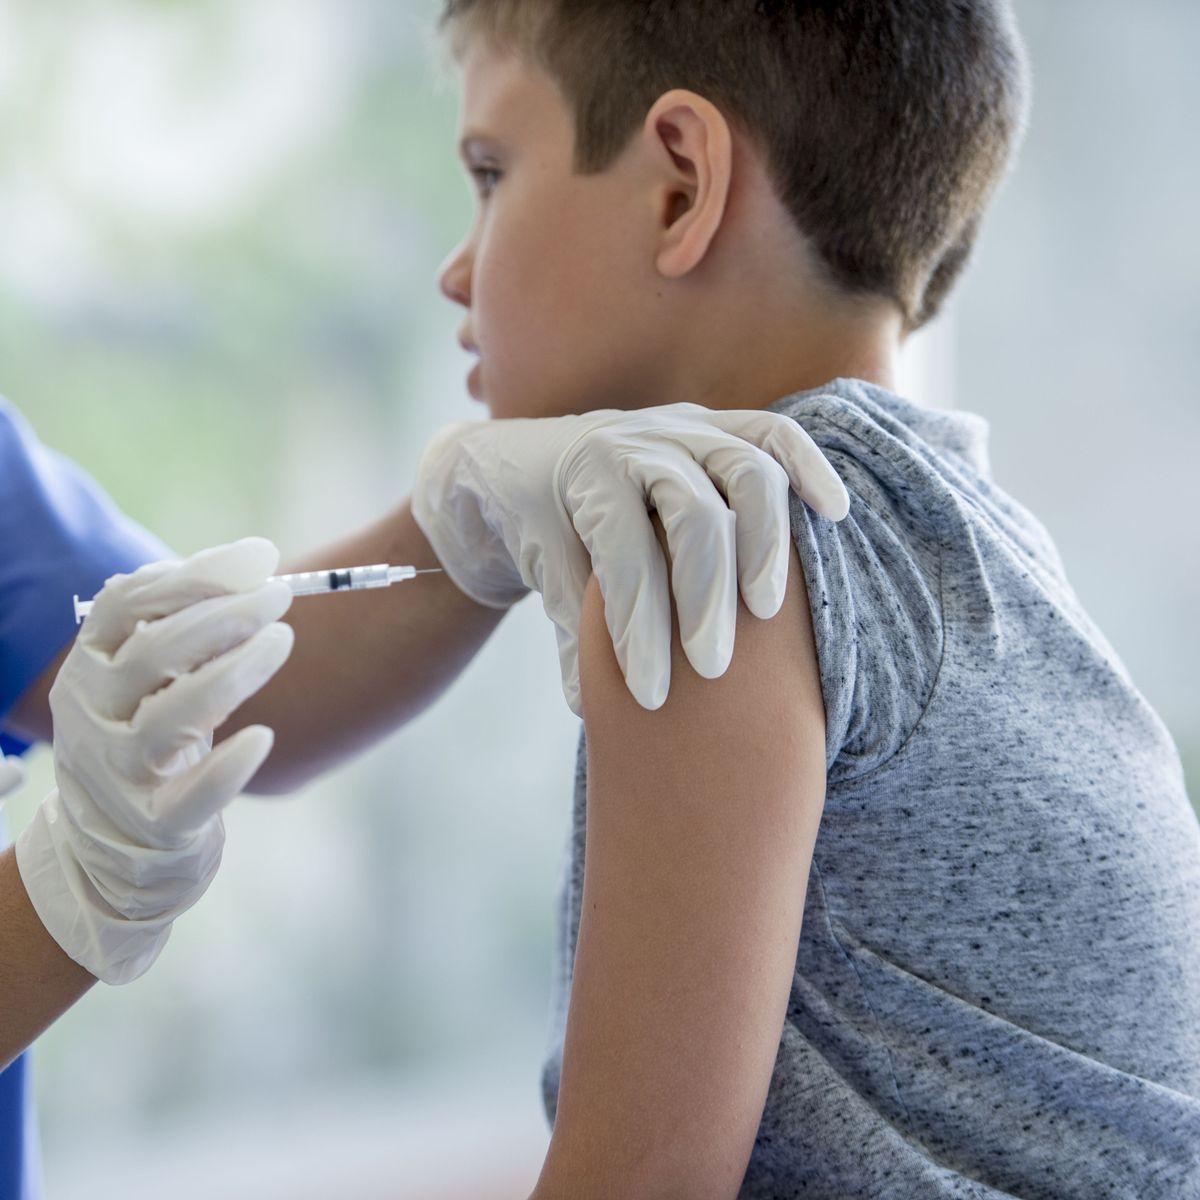 Hpv skin pathology